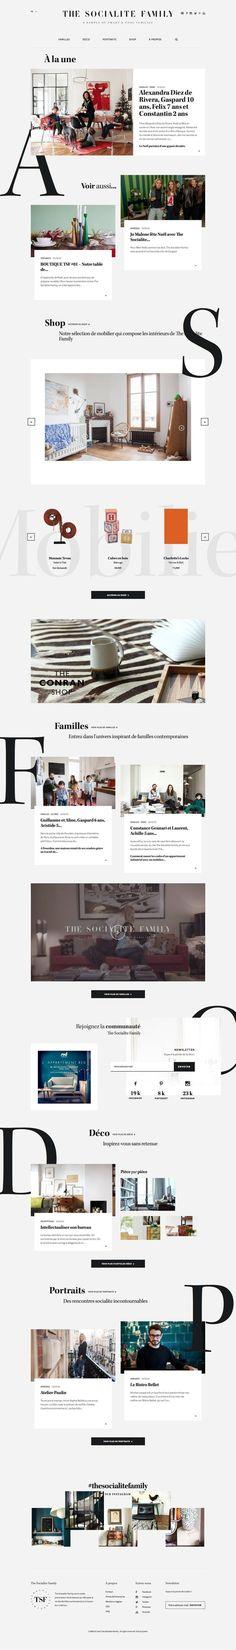 Beautiful web layout